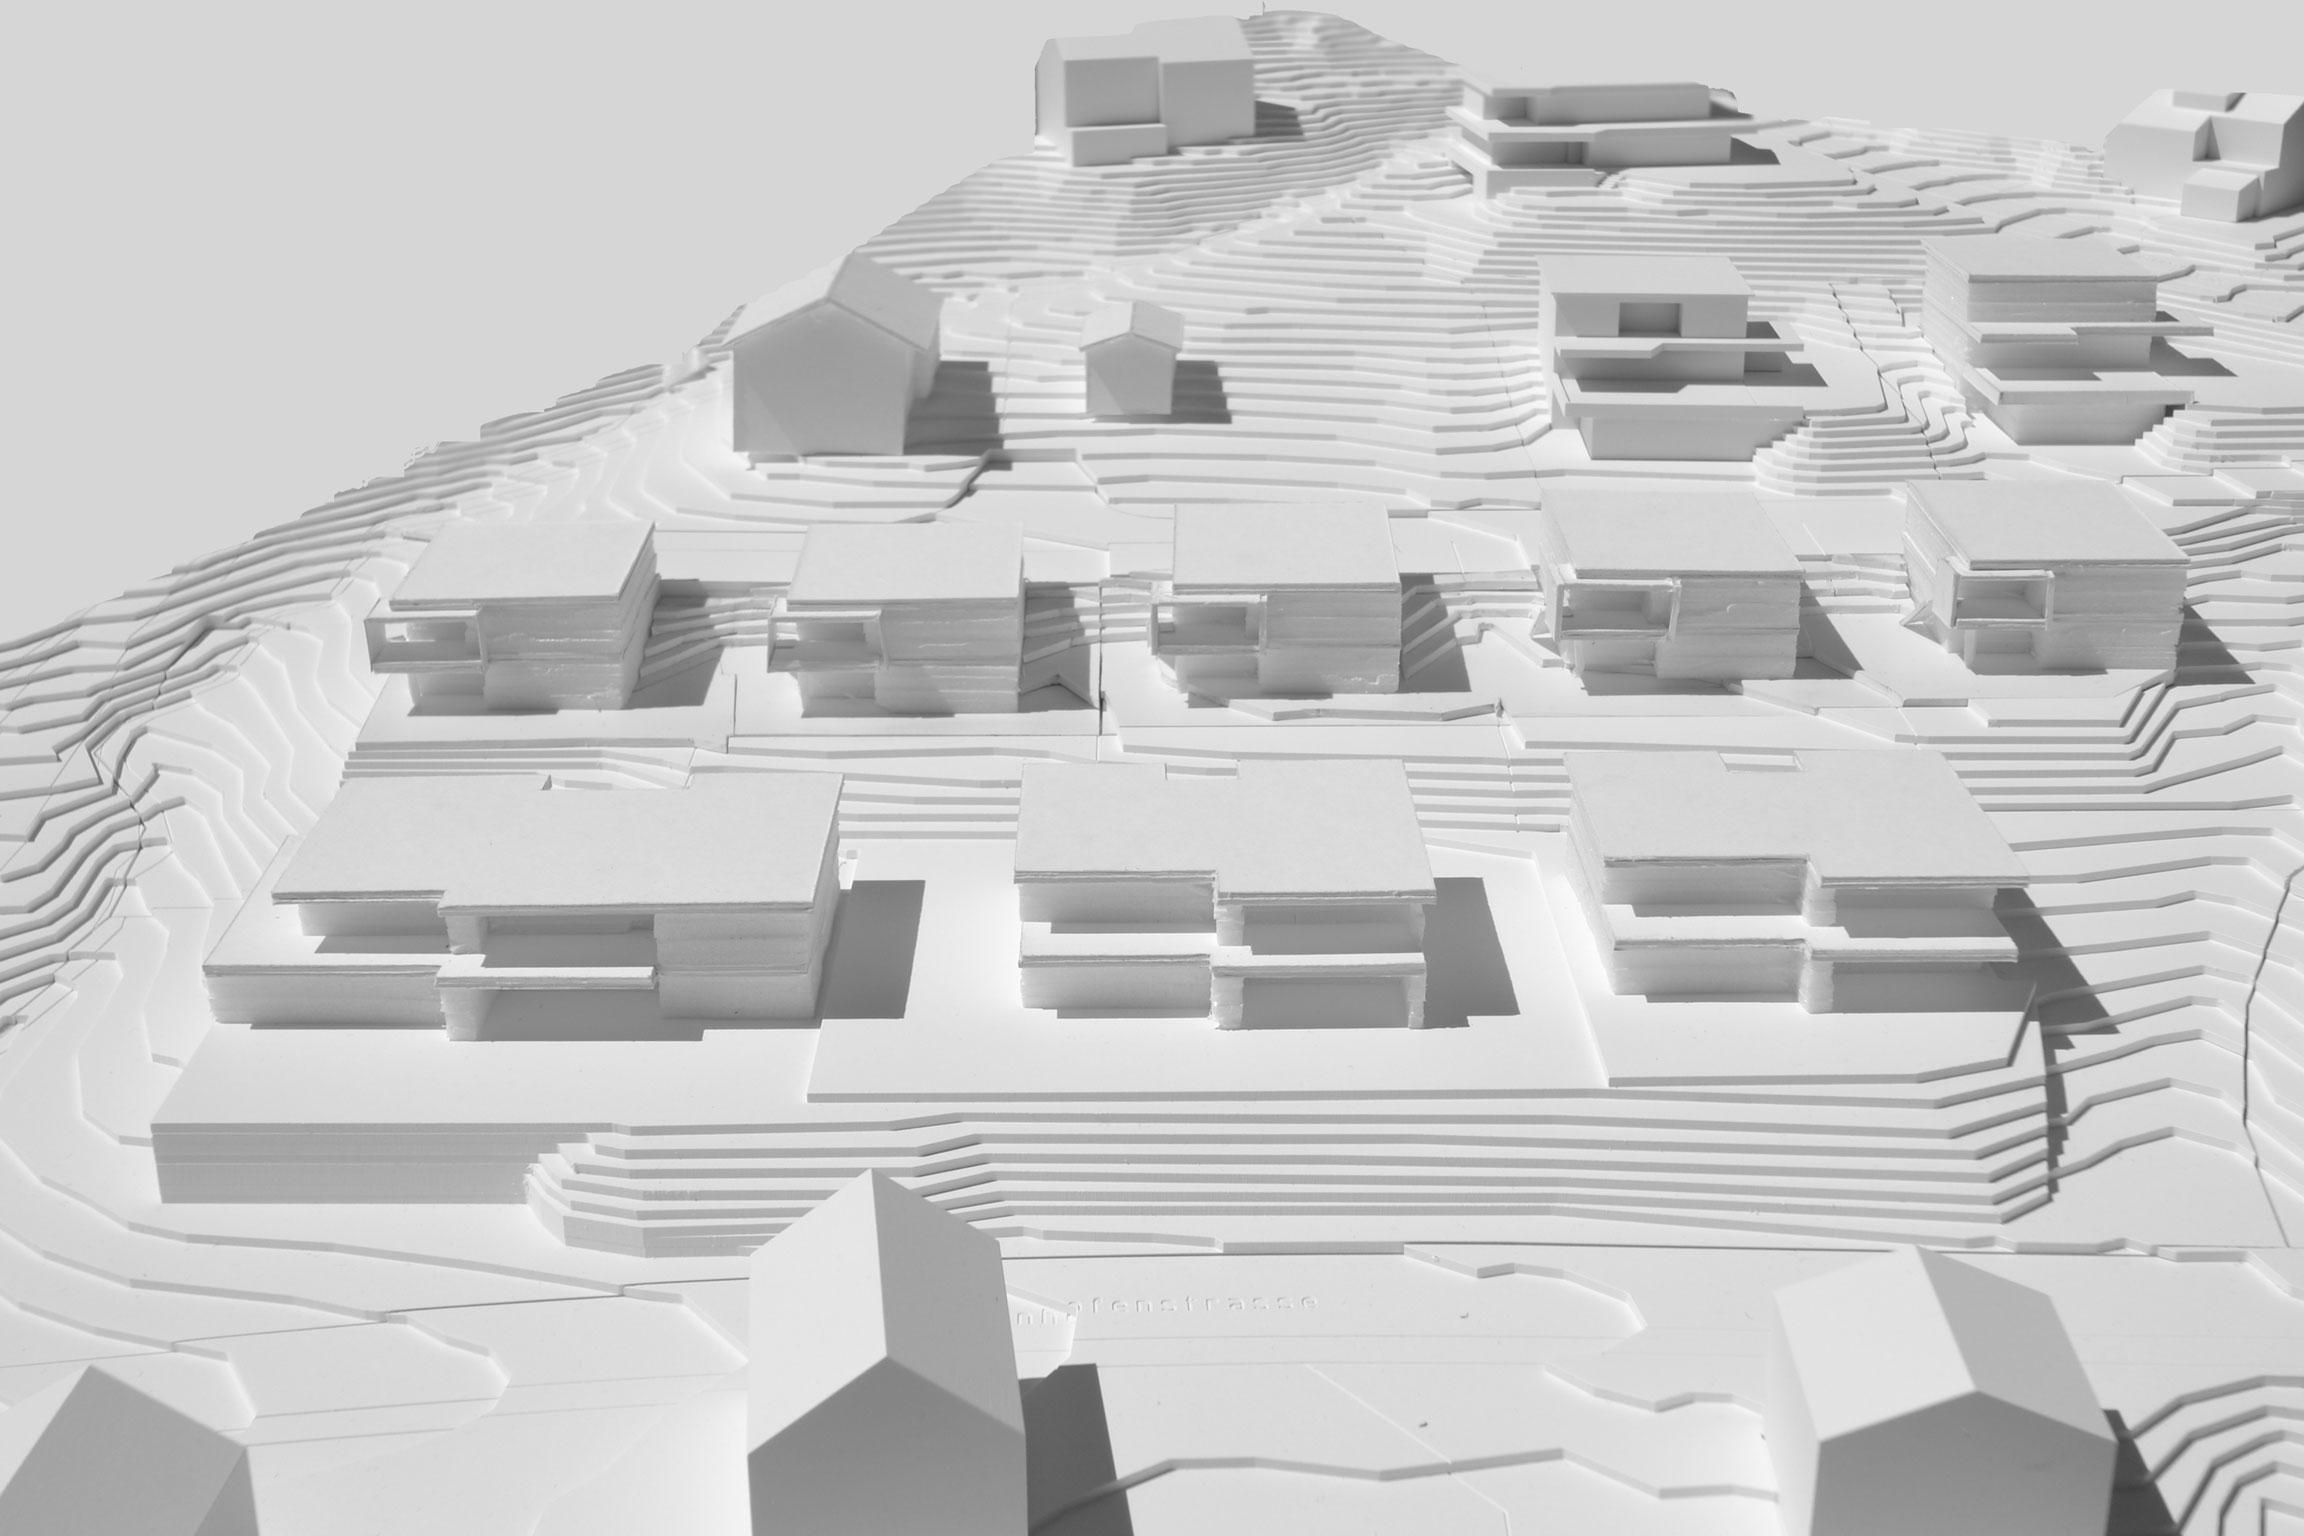 Obermettlen-Modellfoto_Quartier-Obermettle-Uetliburg-MO-Architektur-Uznach-Linthgebiet-Ostschweiz